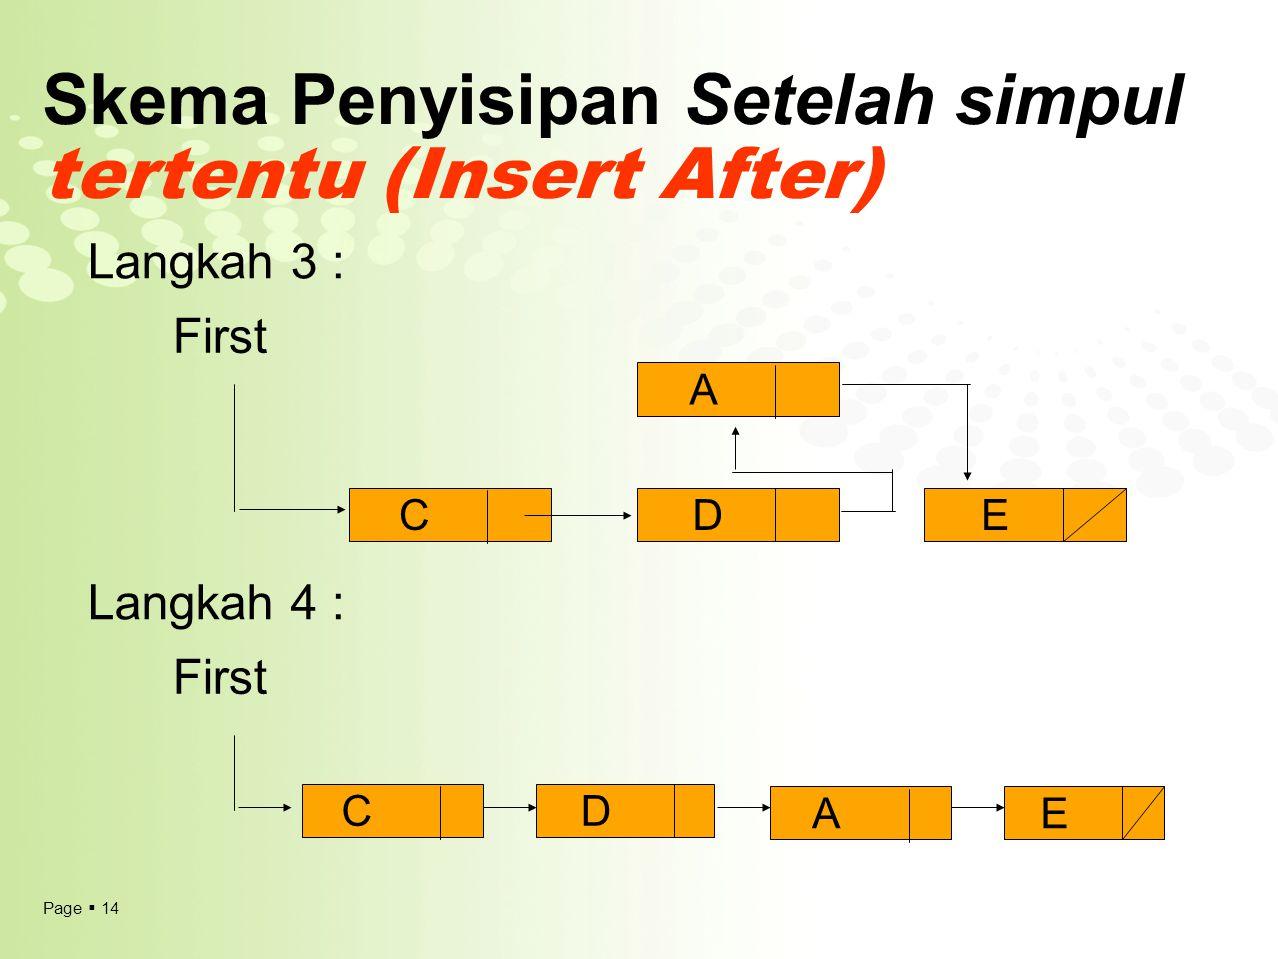 Page  14 Skema Penyisipan Setelah simpul tertentu (Insert After) First Langkah 3 : Langkah 4 : CDE A CD AE